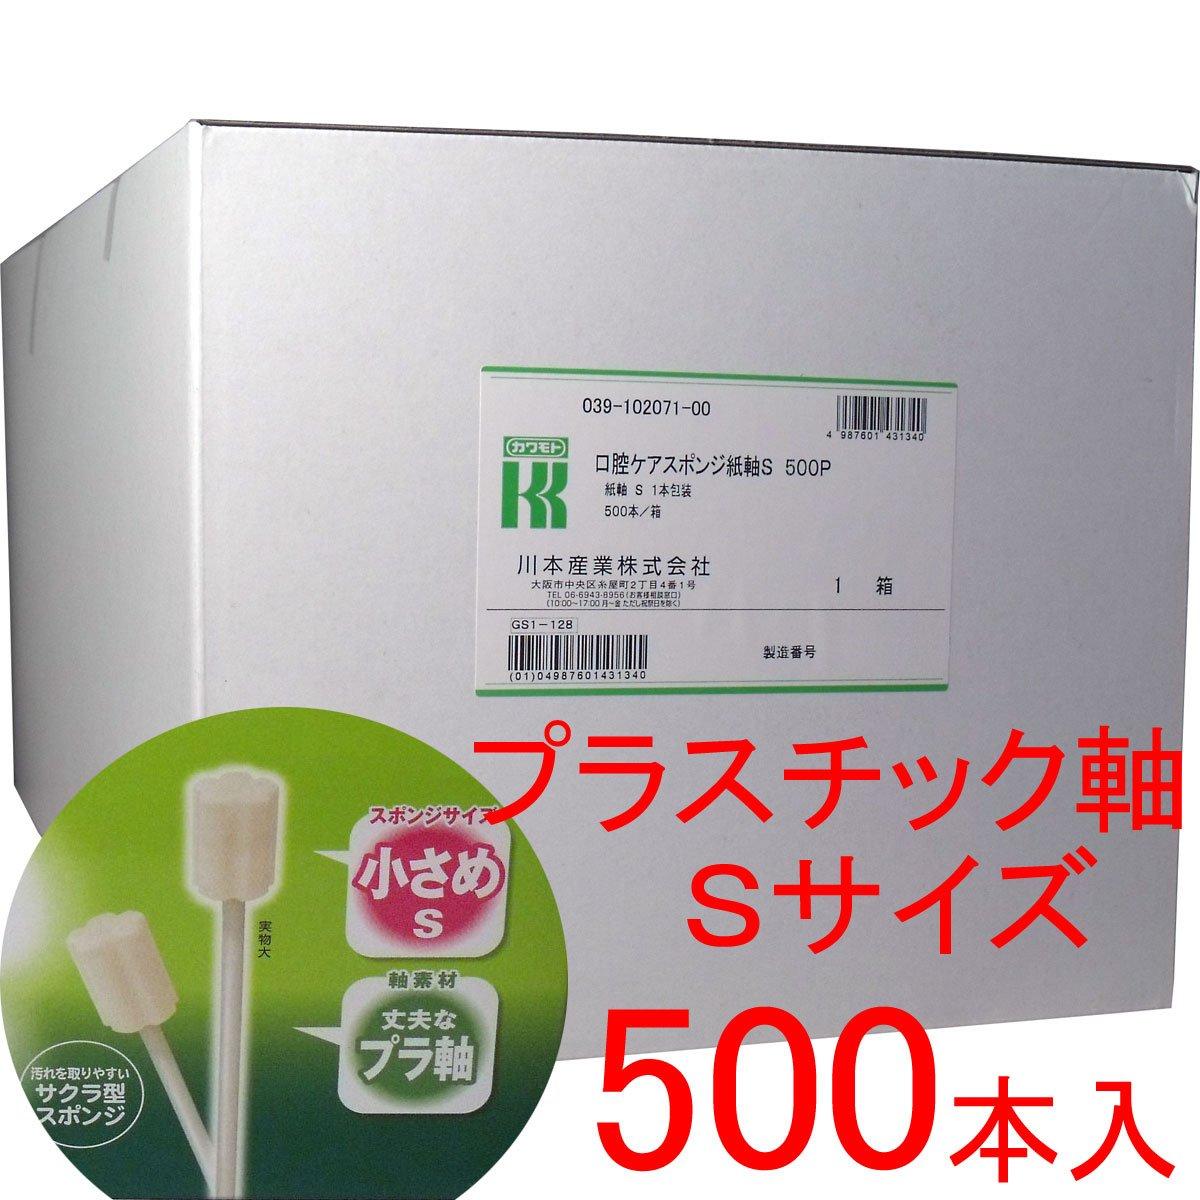 川本産業 マウスピュア口腔ケアスポンジプラ軸S 039-102074-00(500ホン) B006JD7J4C